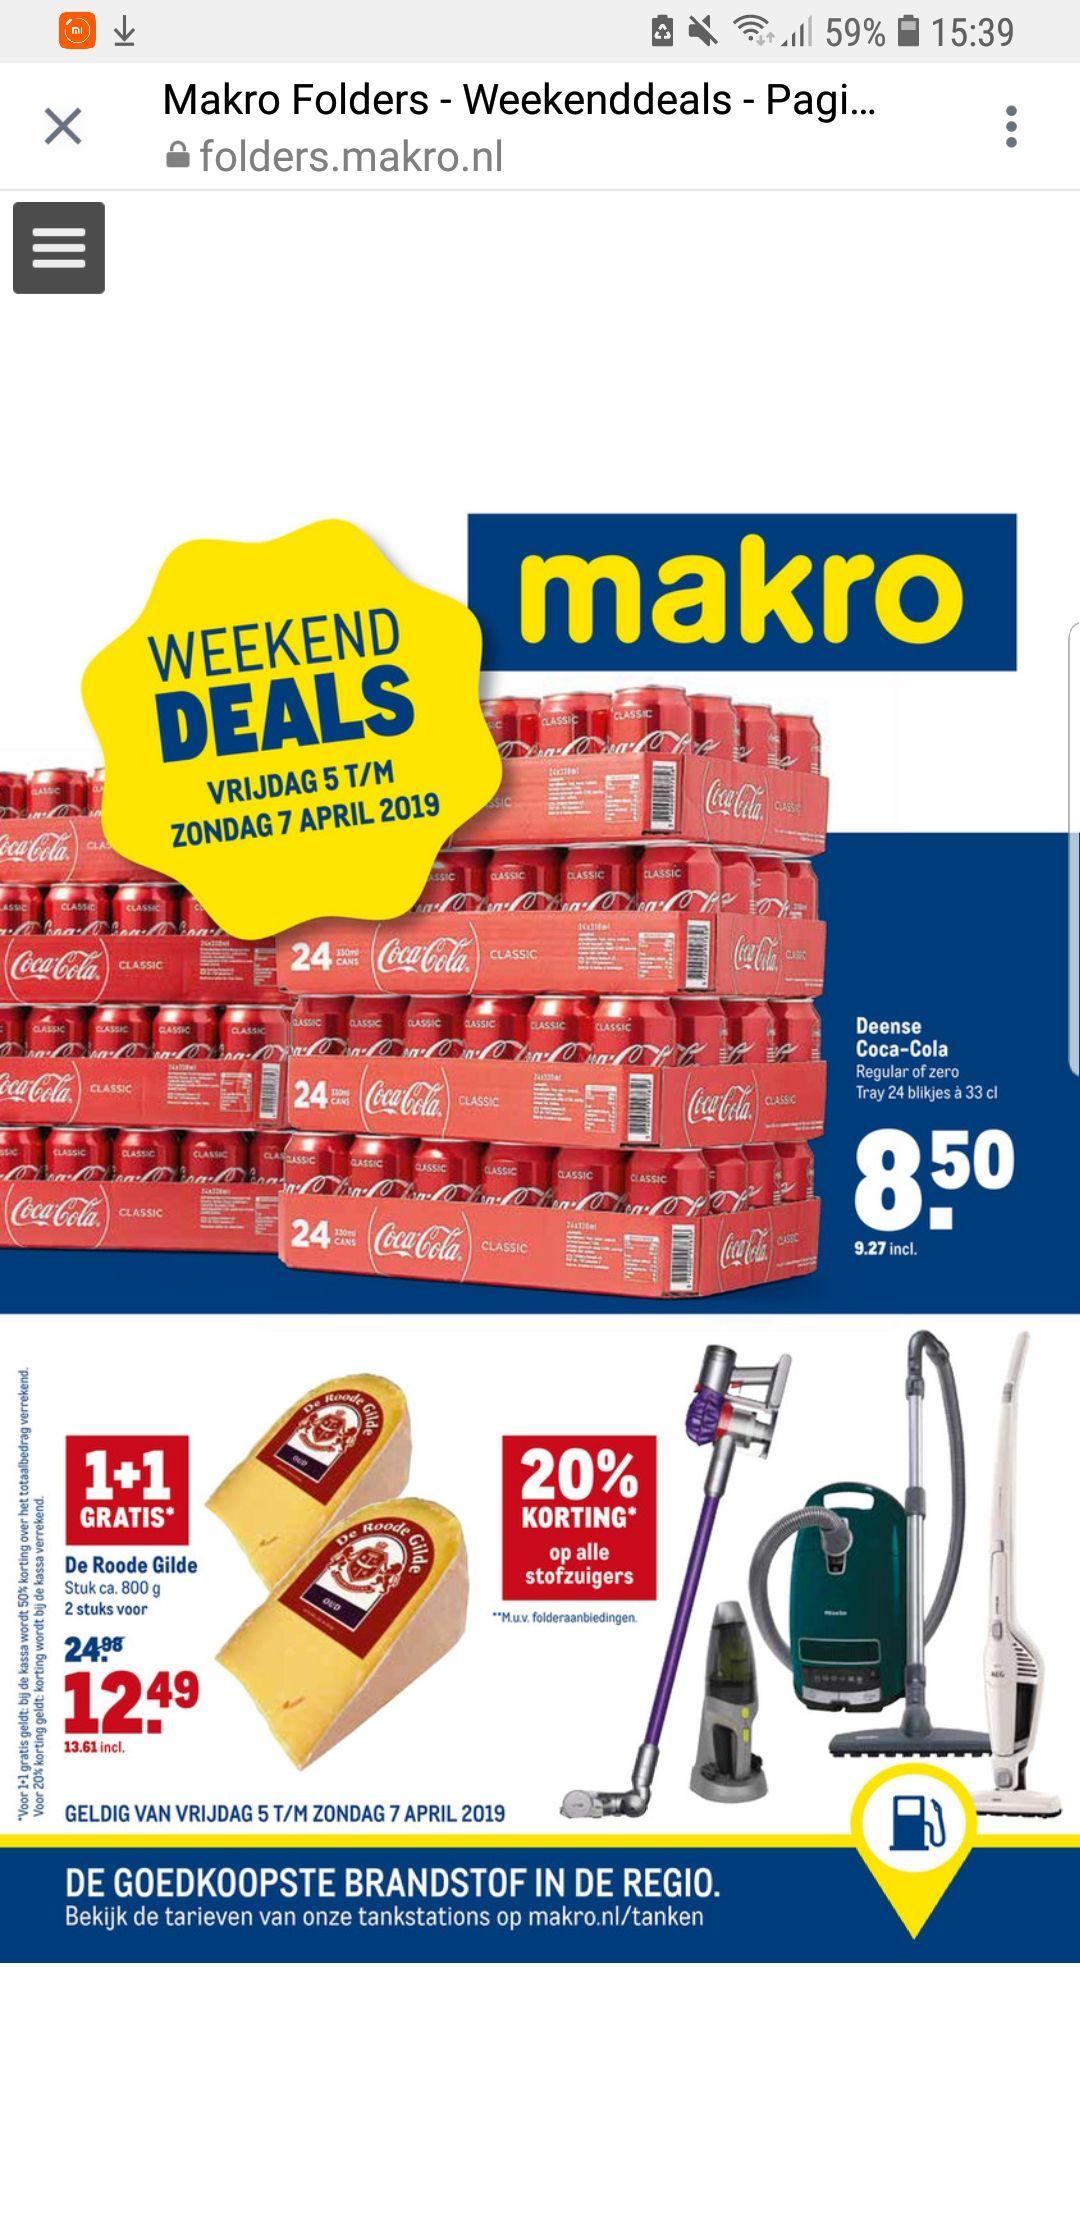 Deense Coca Cola tray voor €9.27 @makro